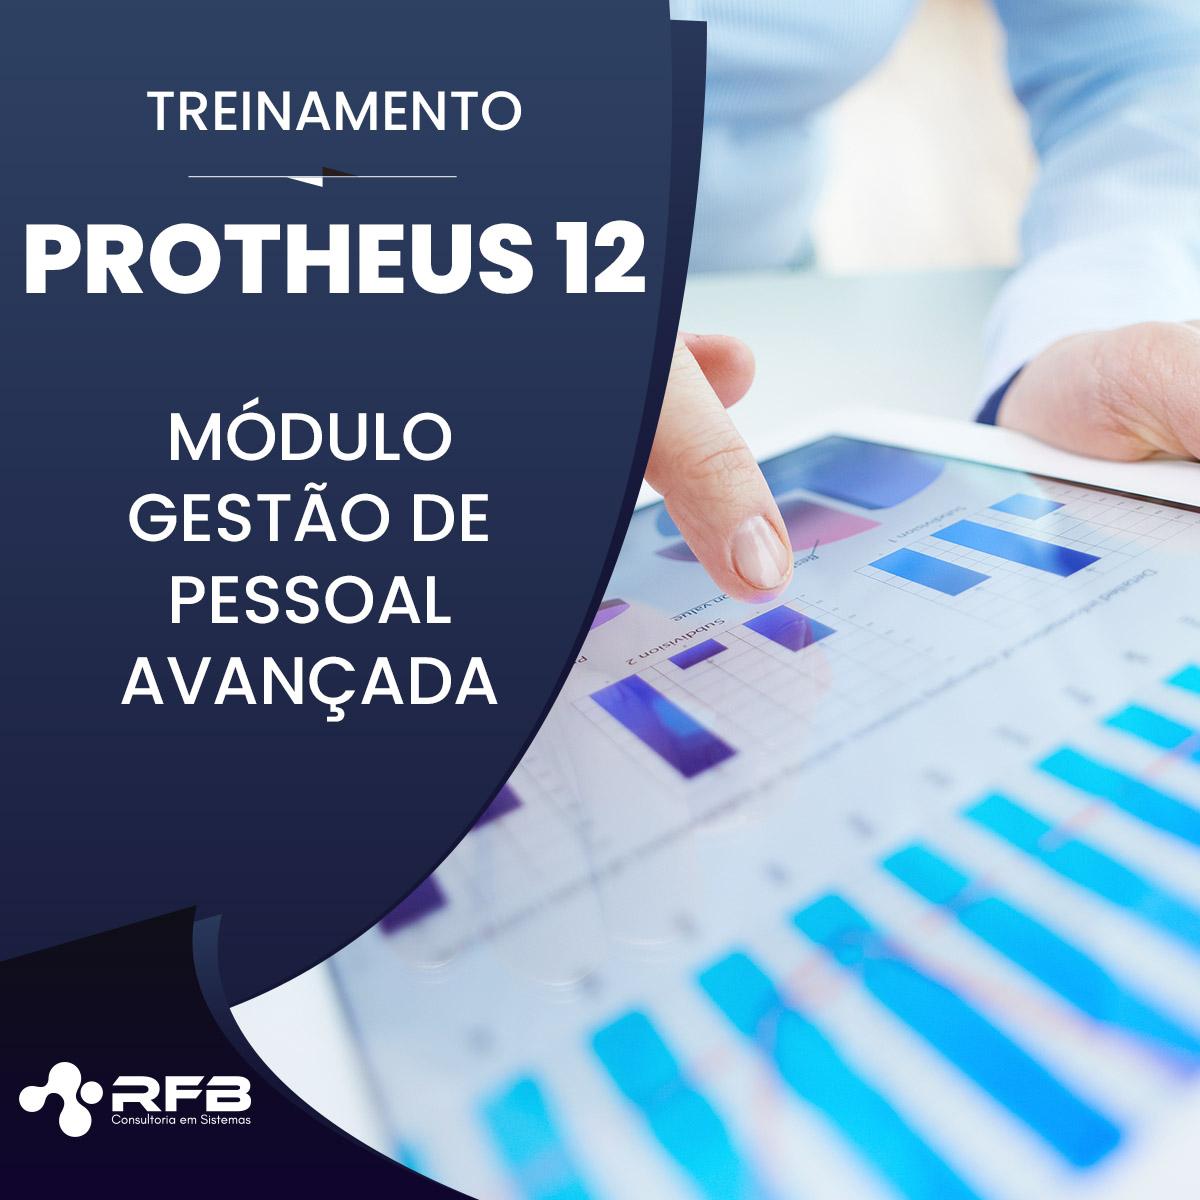 Treinamento Totvs Protheus 12 – Gestão De Pessoal Avançado